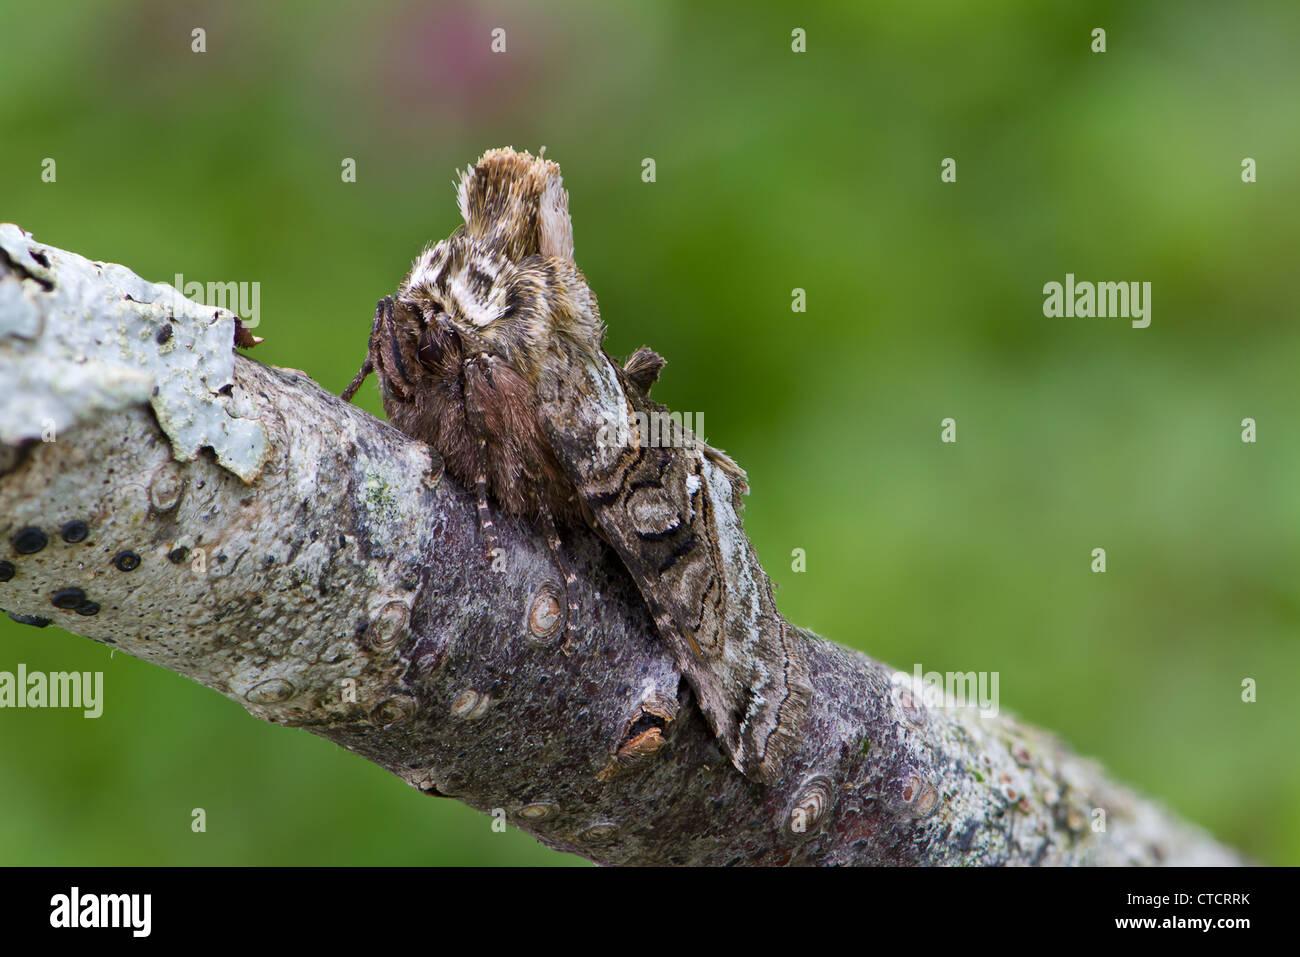 Spectacle moth, Abrostola tripartita - Stock Image